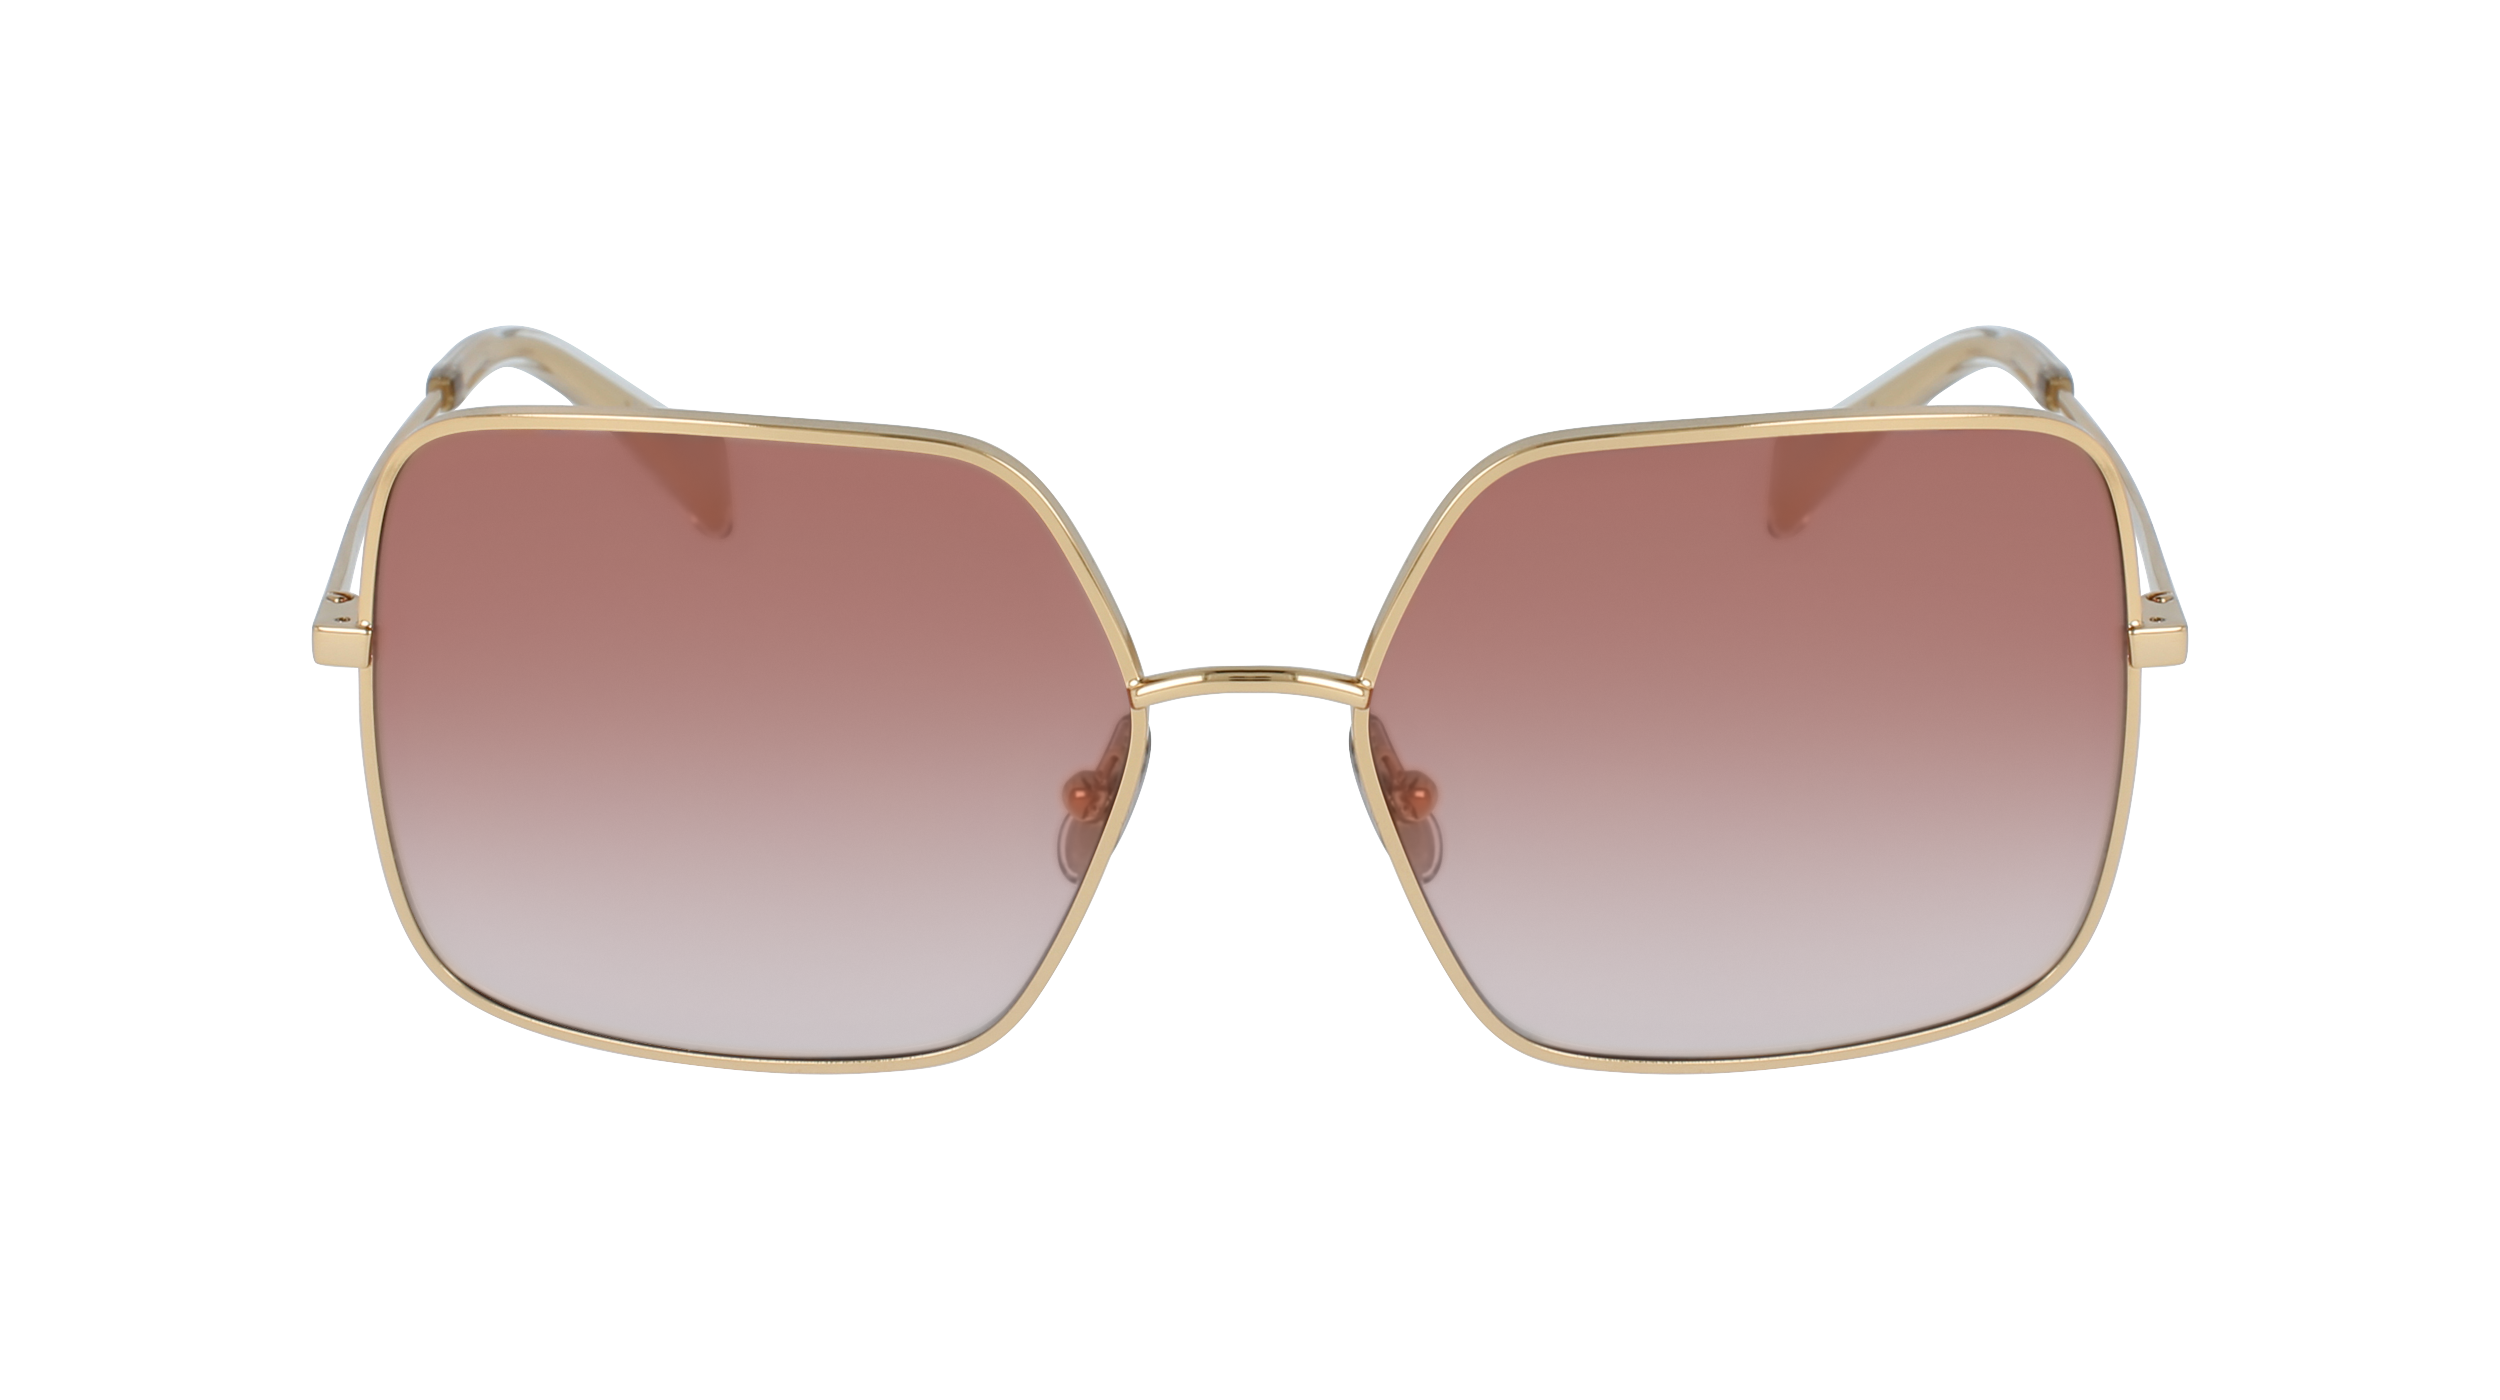 CELINE CL40078U 30T  £290  COLOUR Gold/Gradient Brown  CATEGORY Sunglasses  MATERIAL Metal  SHAPE Square